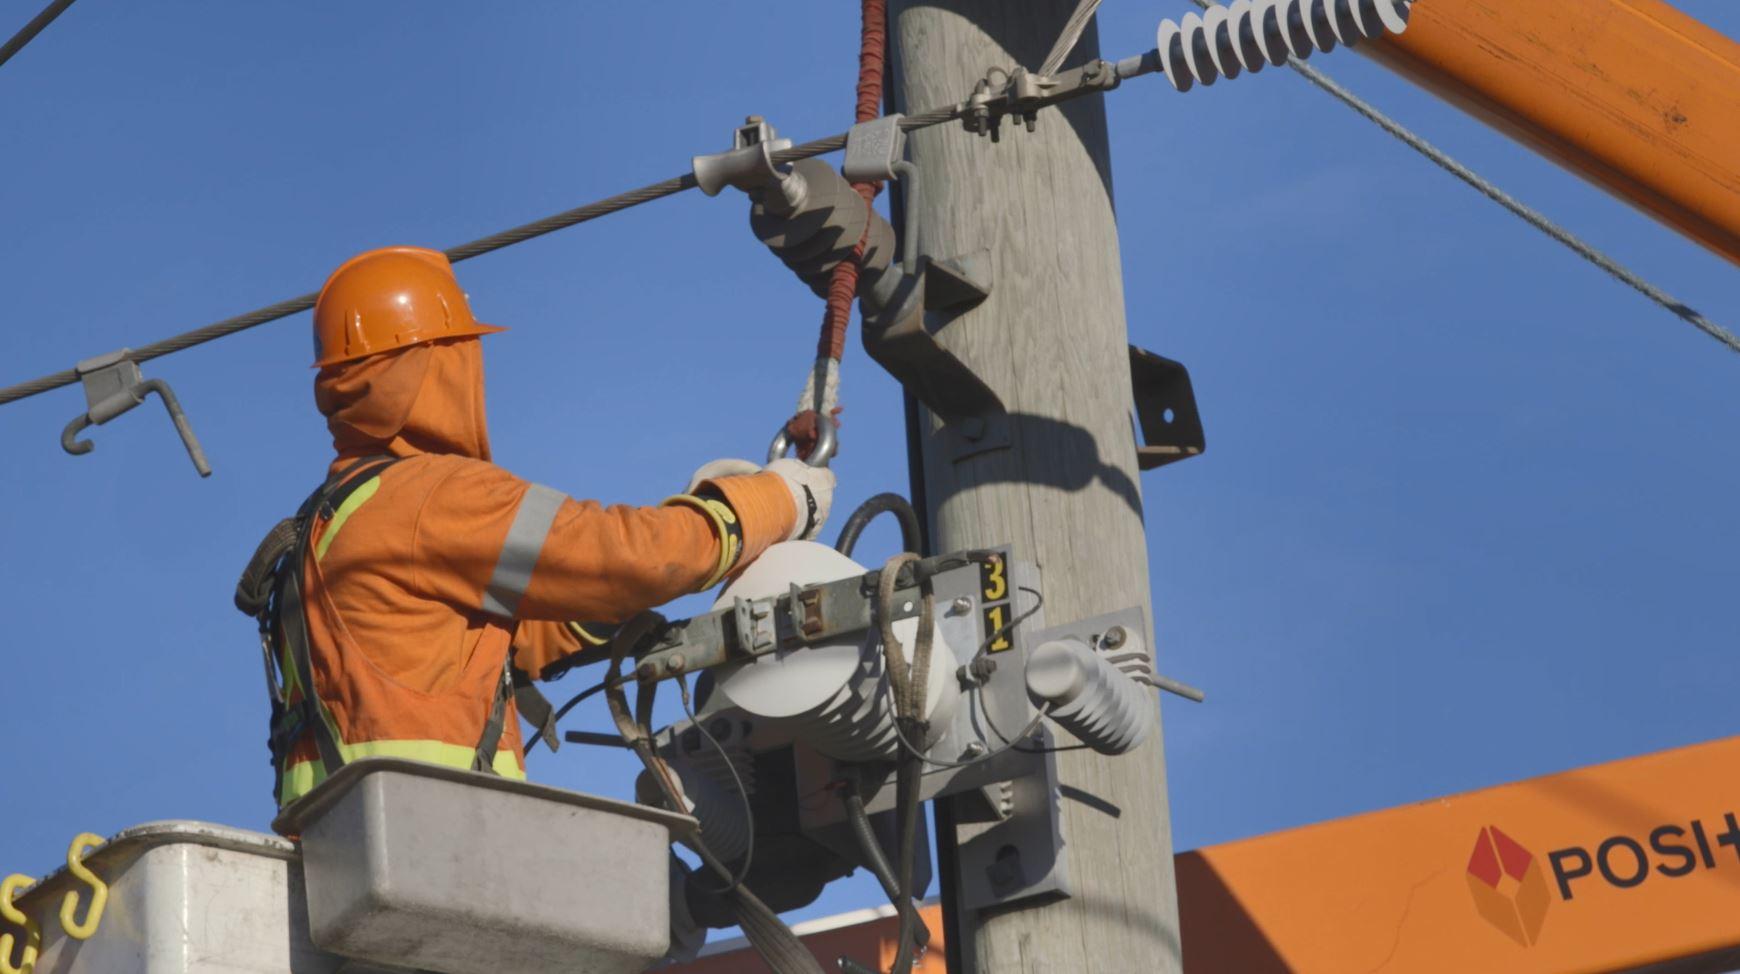 powerline service worker